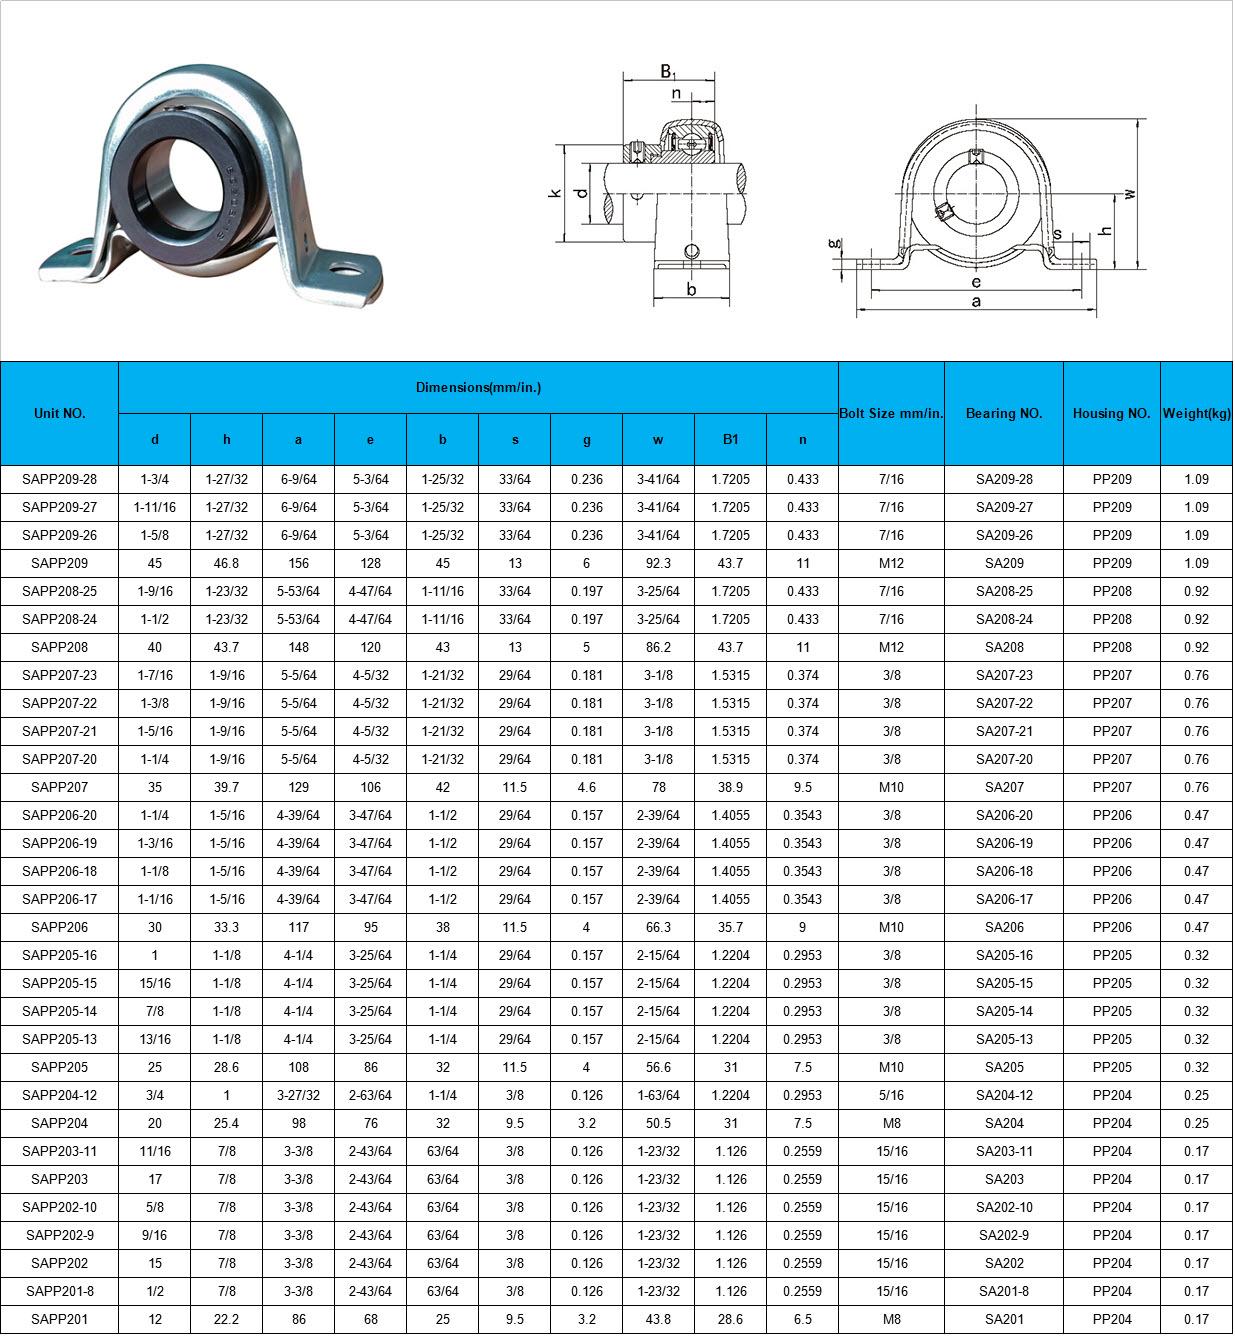 SAPP209-28 | SAPP209-27 | SAPP209-26 | SAPP209 | SAPP208-25 | SAPP208-24 | SAPP208 | SAPP207-23 | SAPP207-22 | SAPP207-21 | SAPP207-20 | SAPP207 | SAPP206-20 | SAPP206-19 | SAPP206-18 | SAPP206-17 | SAPP206 | SAPP205-16 | SAPP205-15 | SAPP205-14 | SAPP205-13 | SAPP205 | SAPP204-12 | SAPP204 | SAPP203-11 | SAPP203 | SAPP202-10 | SAPP202-9 | SAPP202 | SAPP201-8 | SAPP201